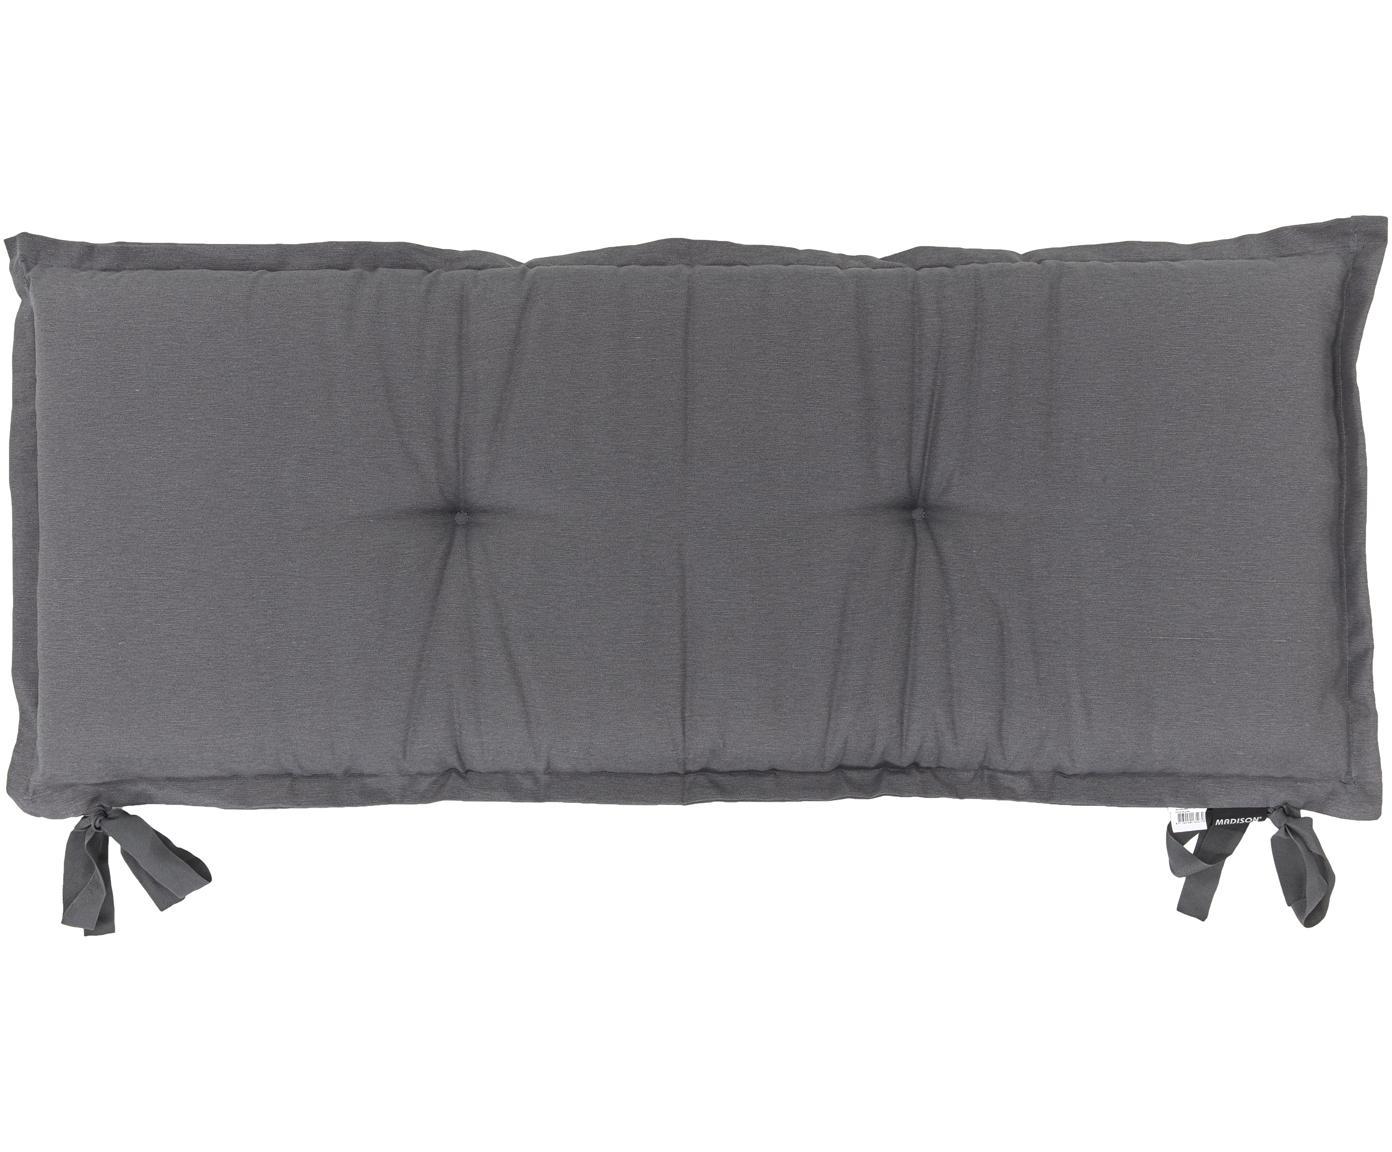 Nakładka na ławkę Panama, Tapicerka: 50% bawełna, 45% polieste, Antracytowy, S 48 x D 120 cm